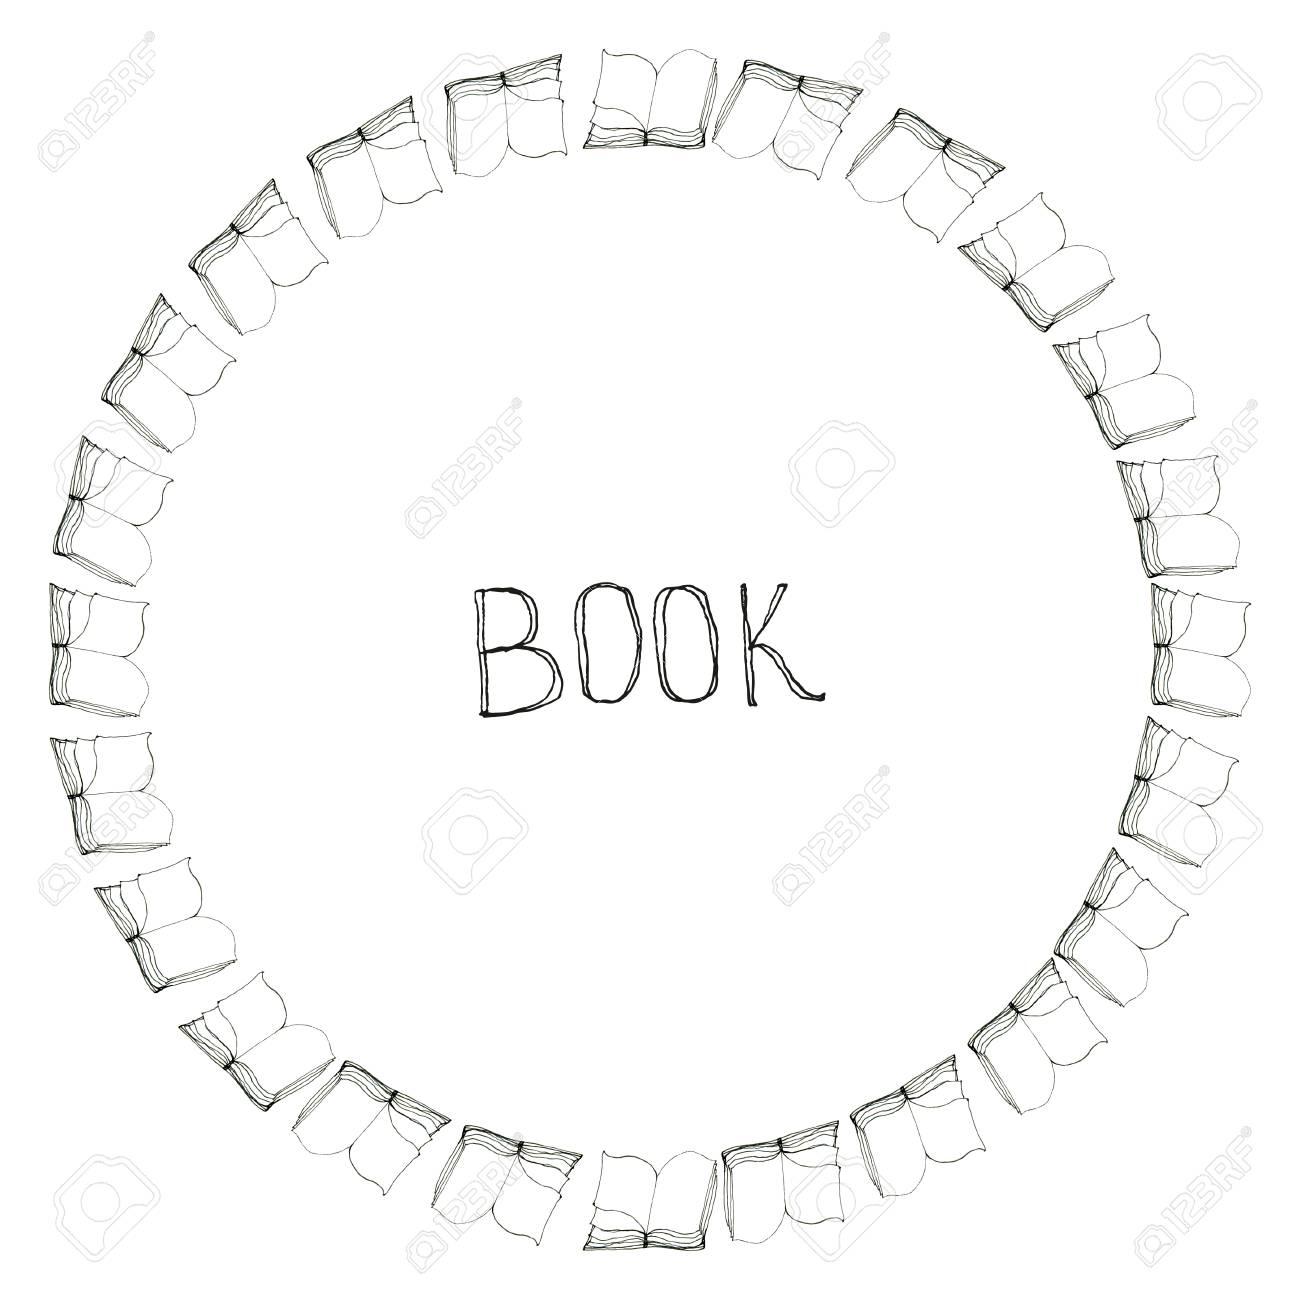 Libro Marco Del Doodle. Borde De Círculo Blanco Y Negro. Concepto De ...